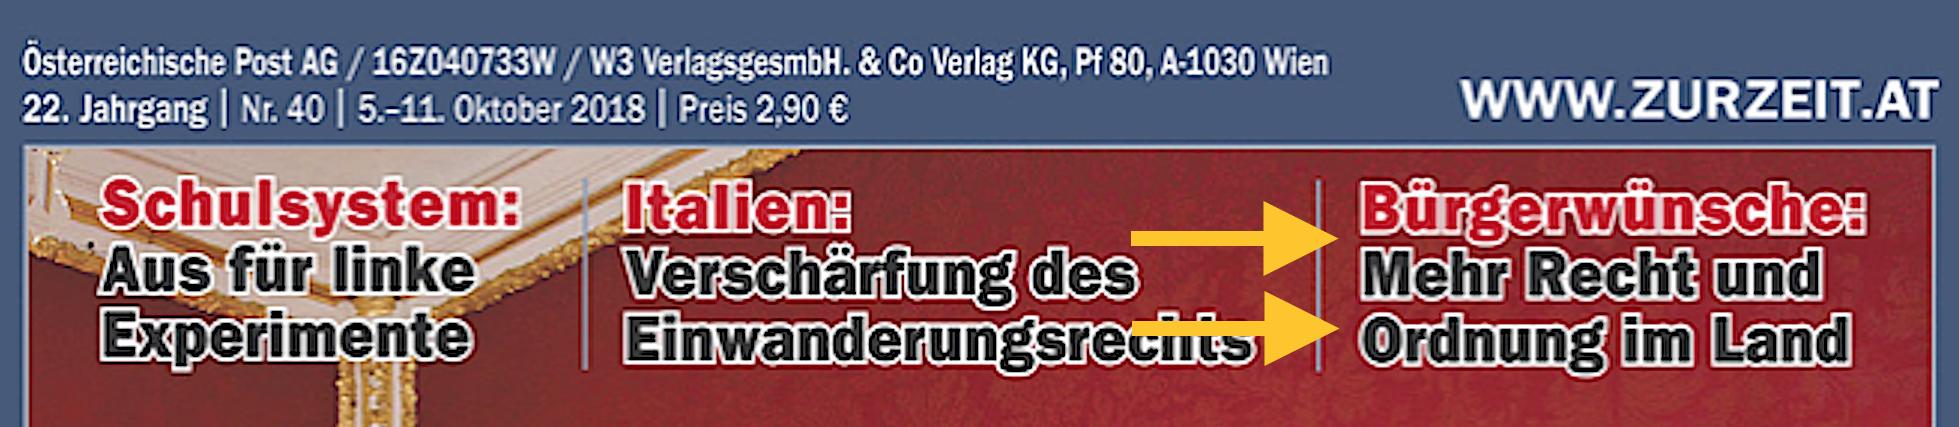 """Cover """"Zur Zeit"""" 40/18 mit hineingerutschtem Artikel """"Bürgerwünsche: Mehr Recht und Ordnung im Land"""""""